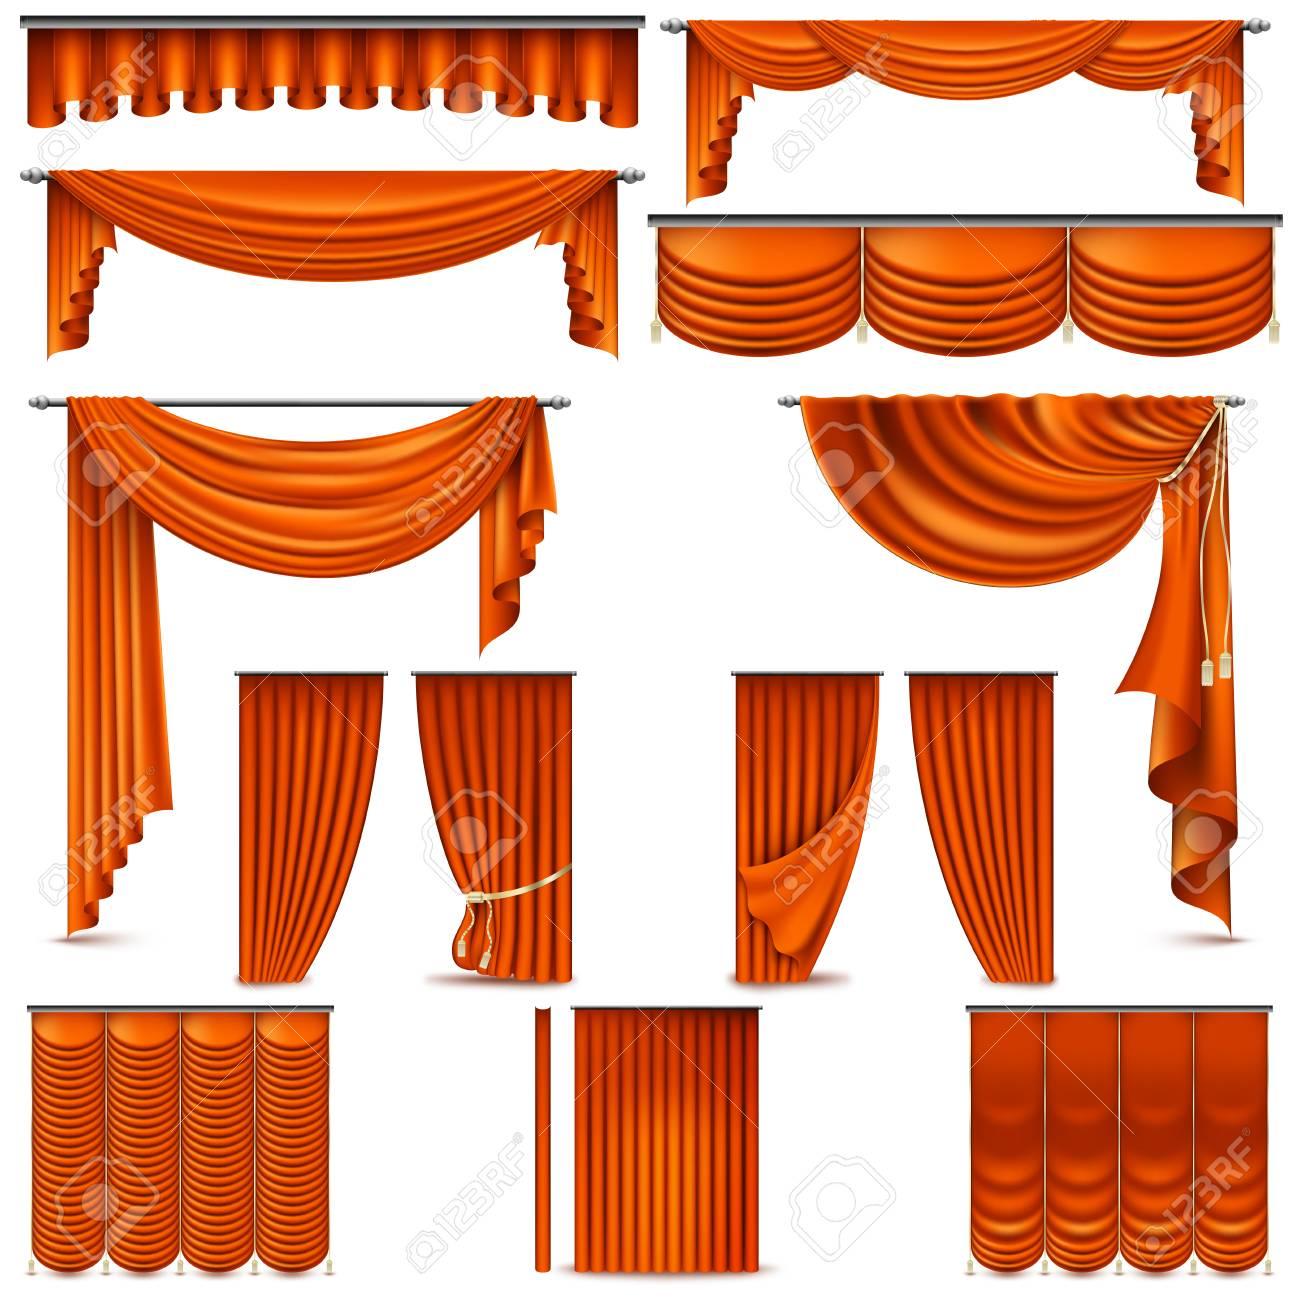 Objet De Decoration D Interieur De Rideaux Et Tentures Isole Sur